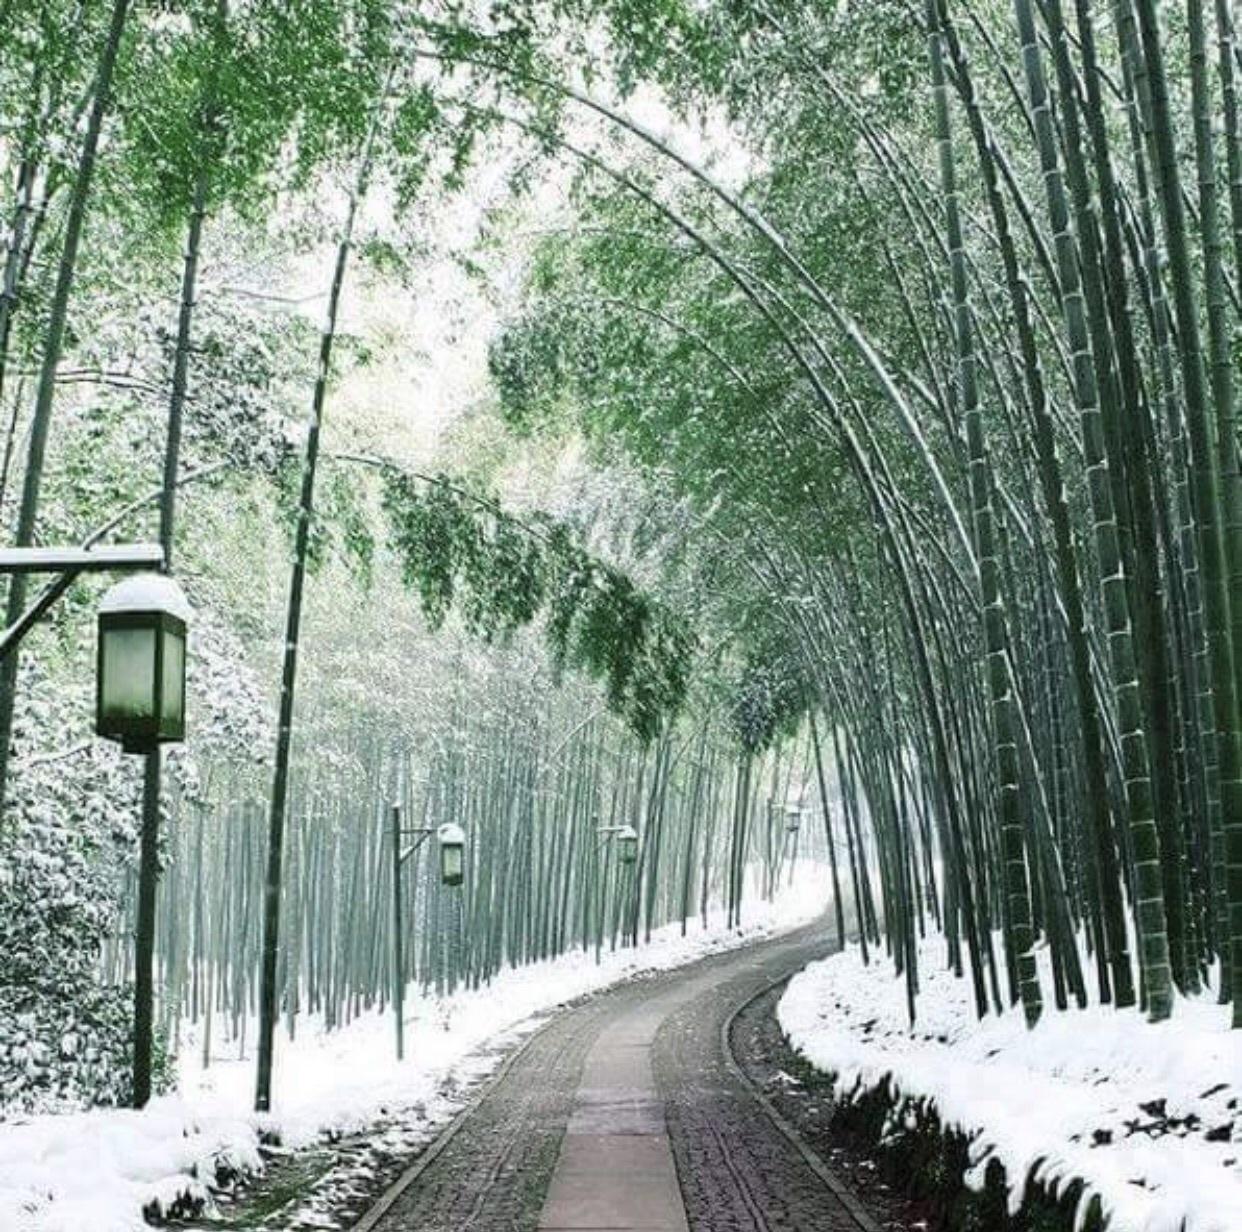 Snowy Winter in Japan